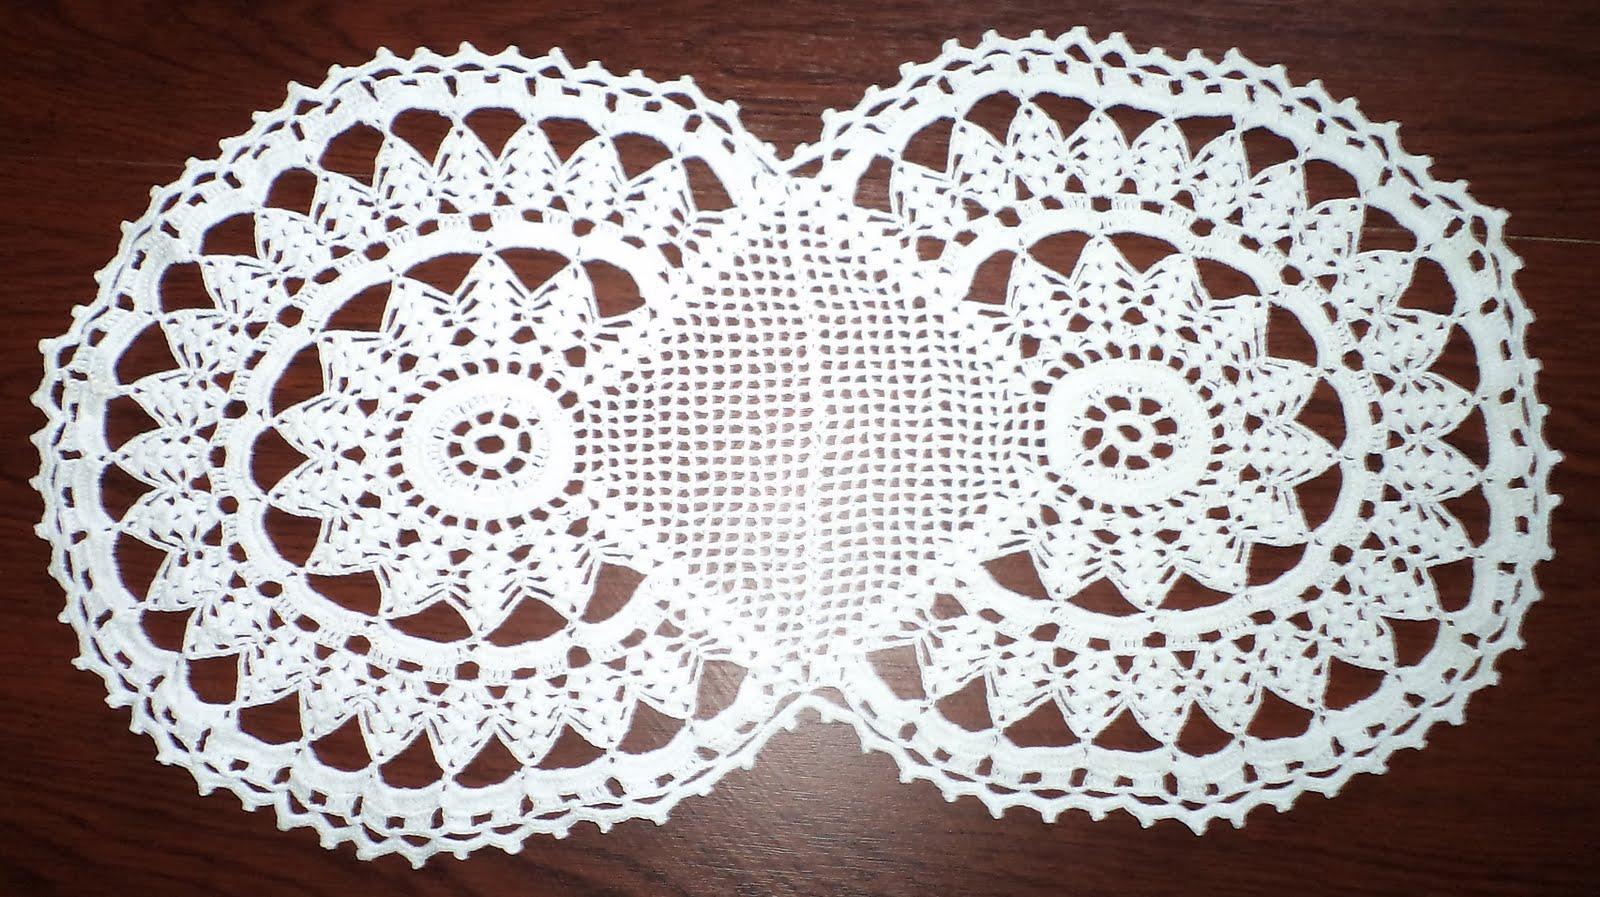 Dalmatinski krugovi – dimenzije 48 x 26 cm, cijena 50 kn